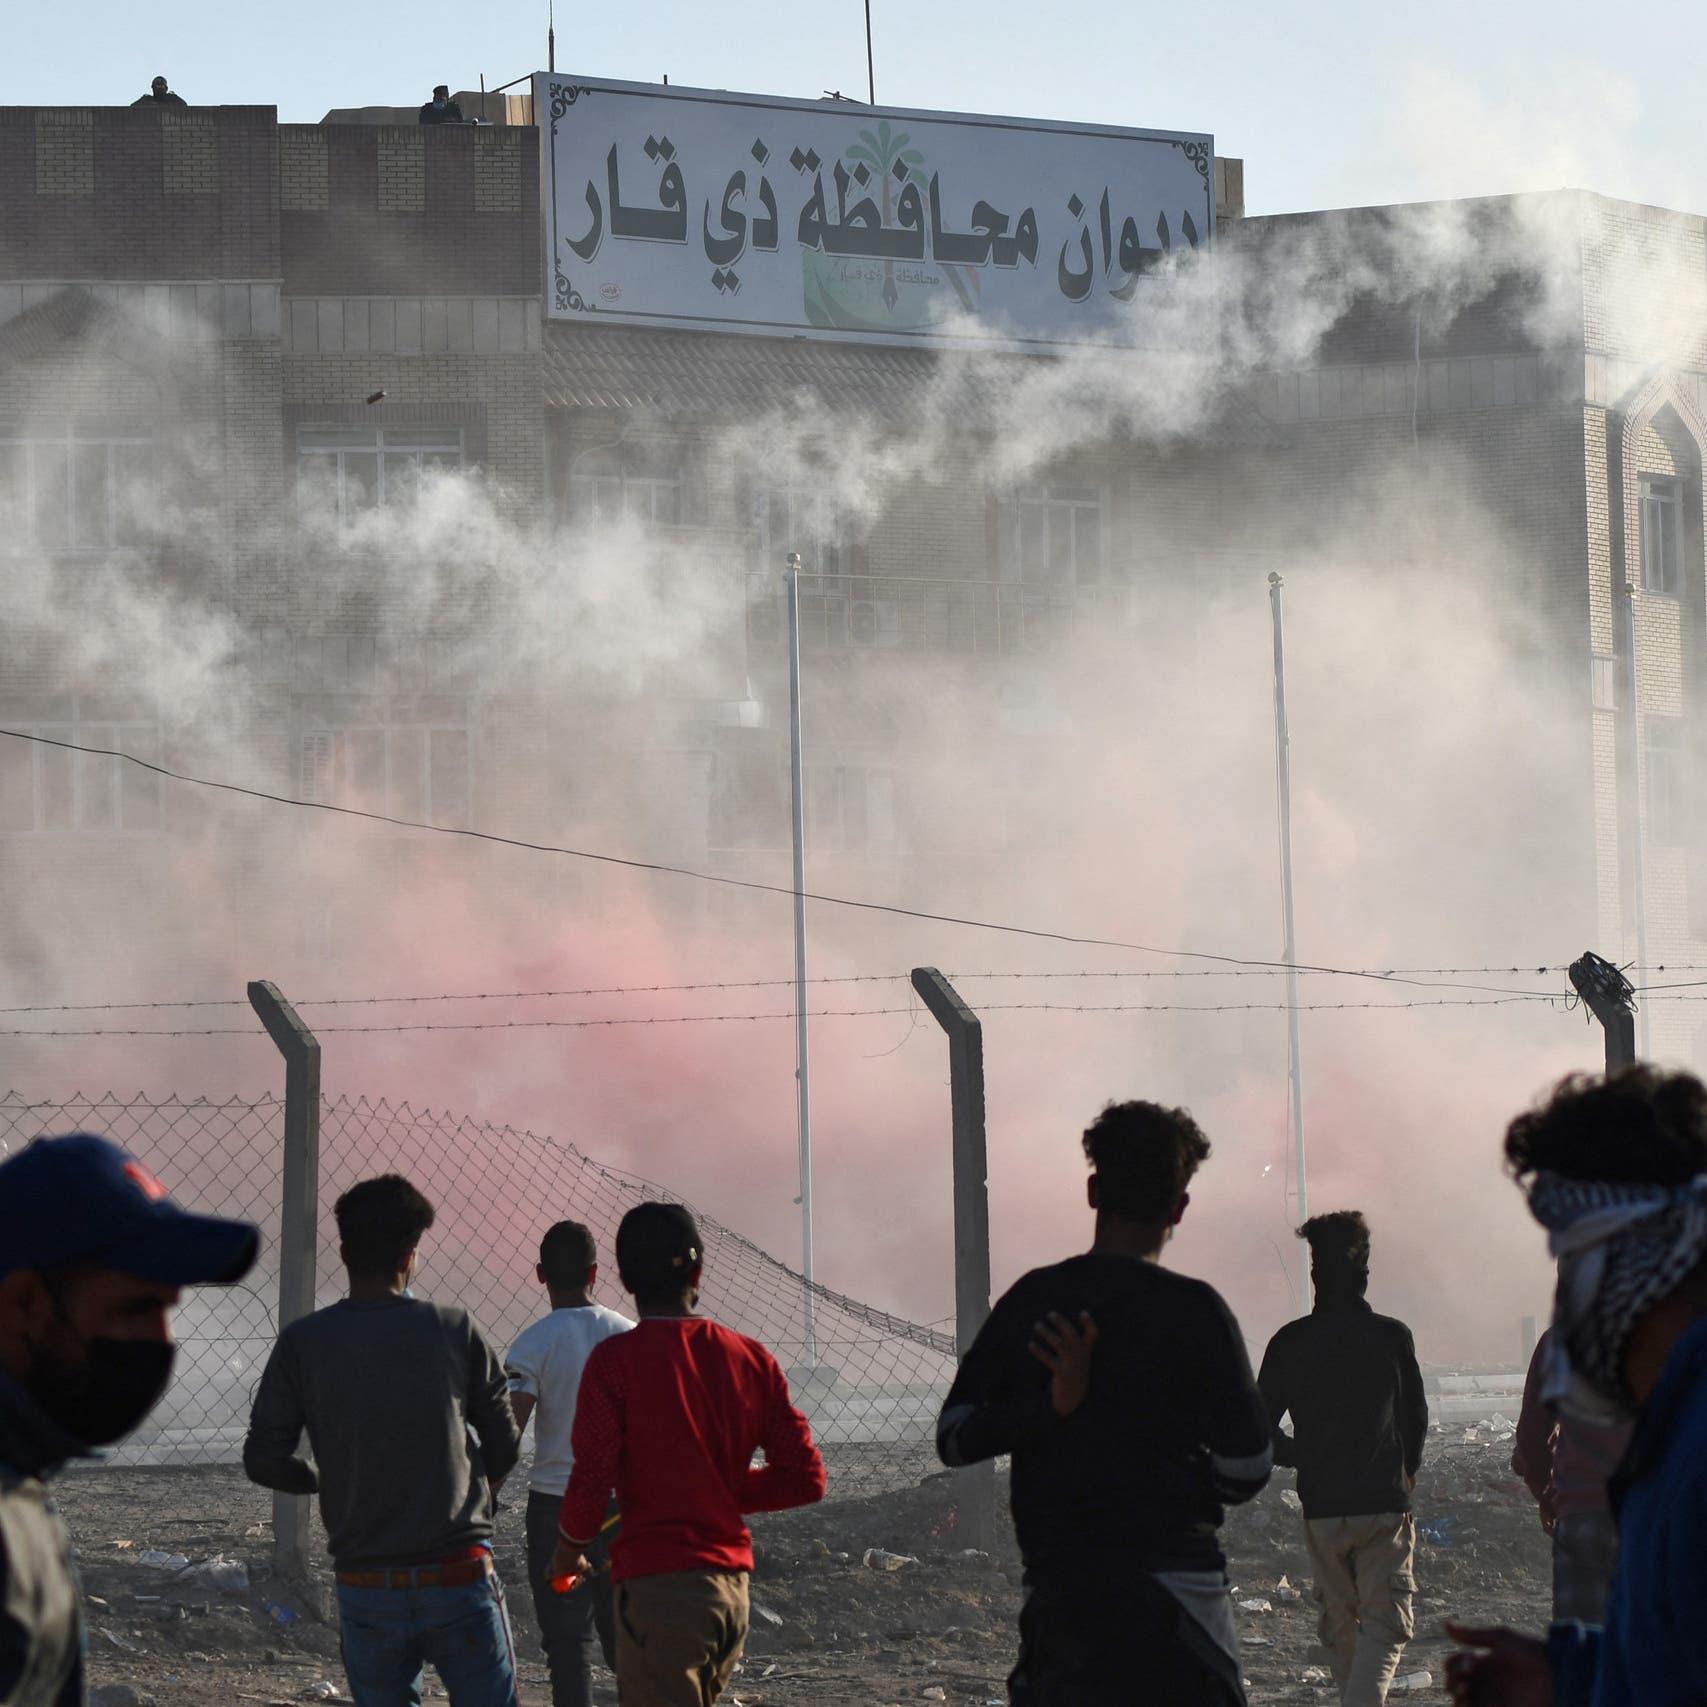 الكاظمي: مصممون على محاسبة قتلة المتظاهرين